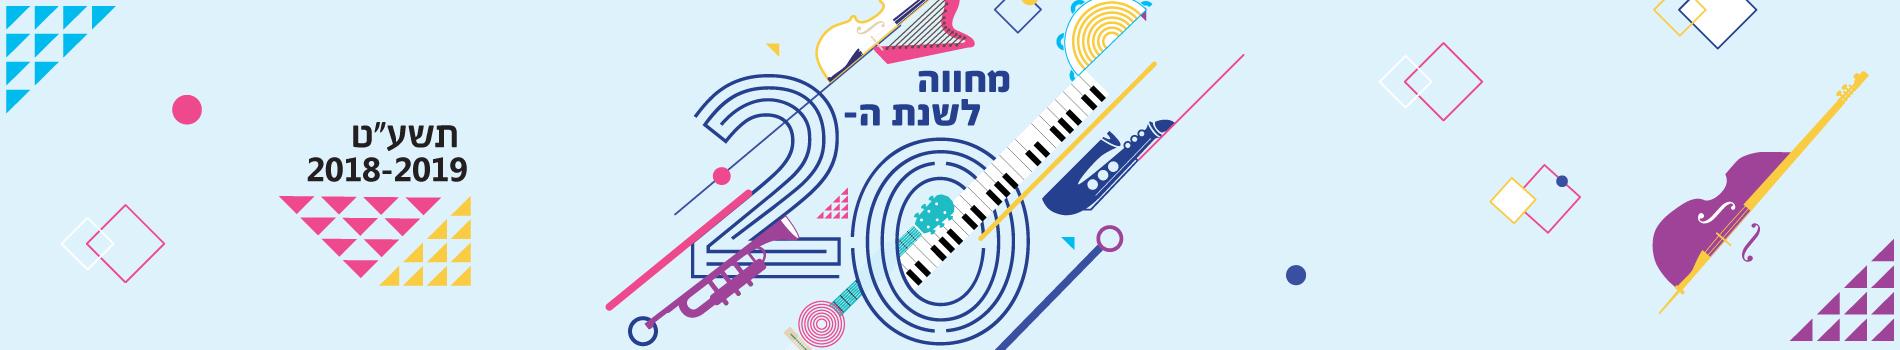 """""""מחווה לשנת העשרים"""" #4 - חמישיית תל אביב מארחת את הפסנתרן אבירם רייכרט"""